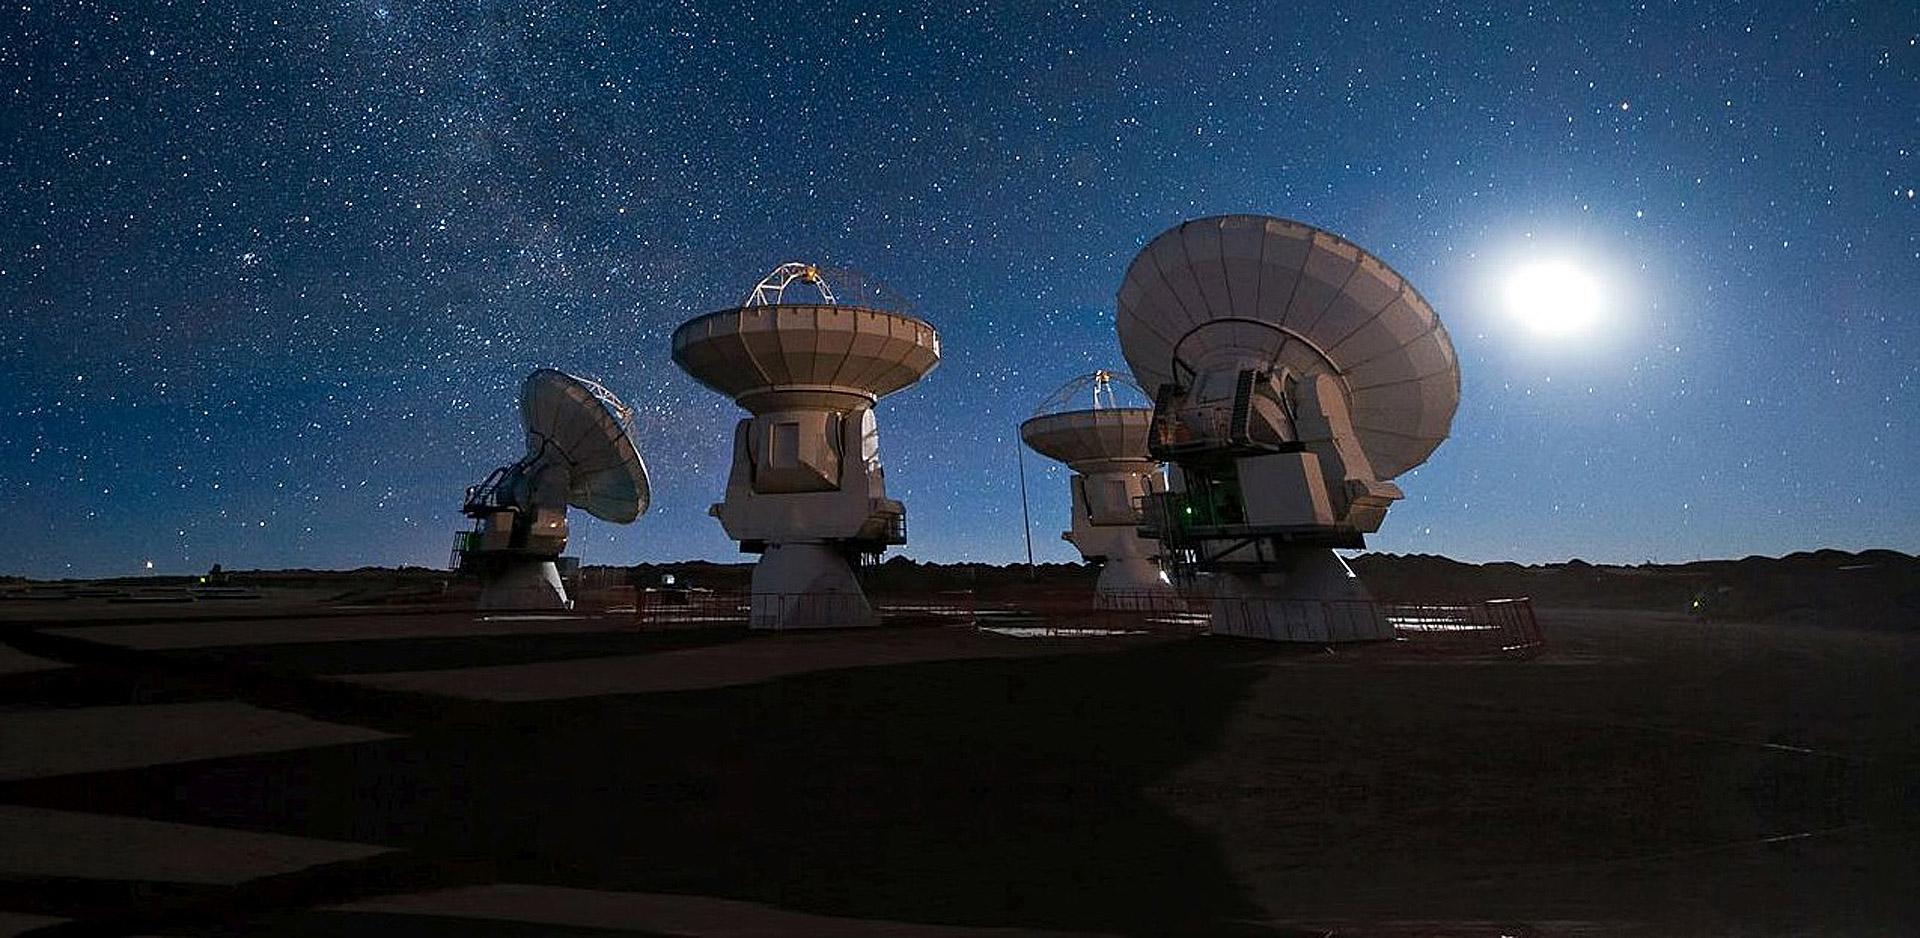 Credit: ESO - José Francisco Salgado